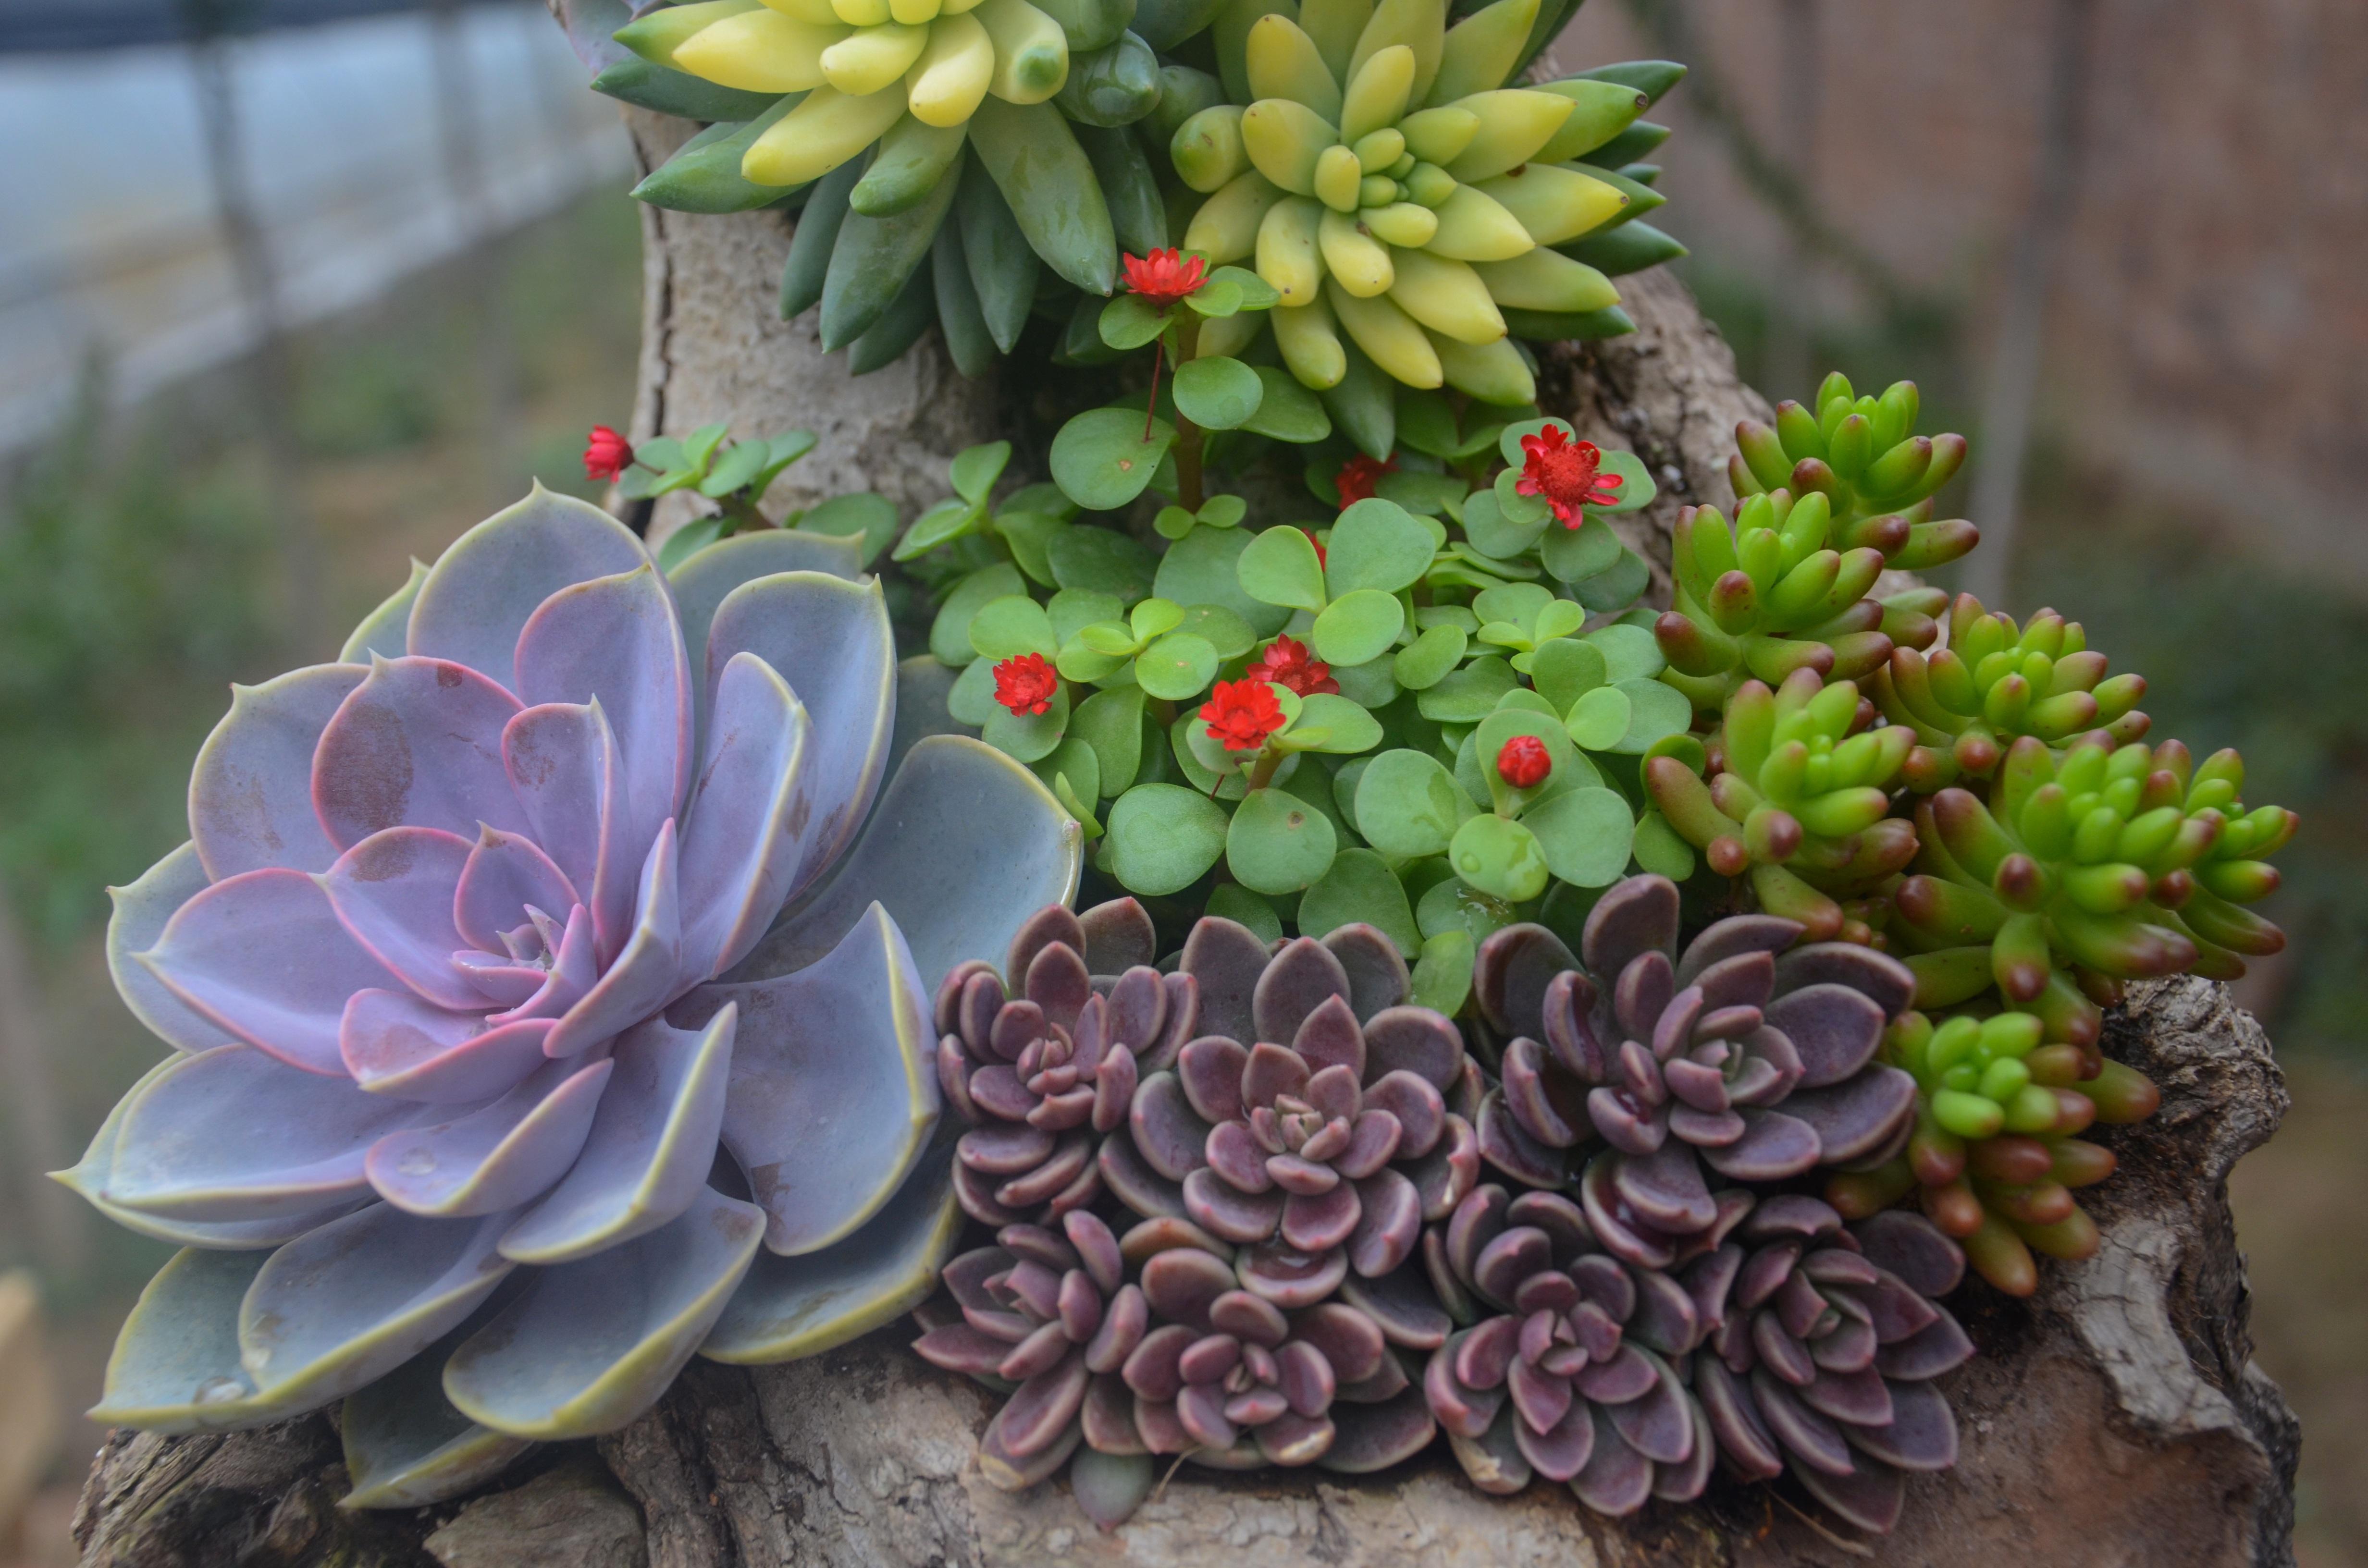 Banco de imagens plantar flor bot nica jardim flora for Plantas crasas interior